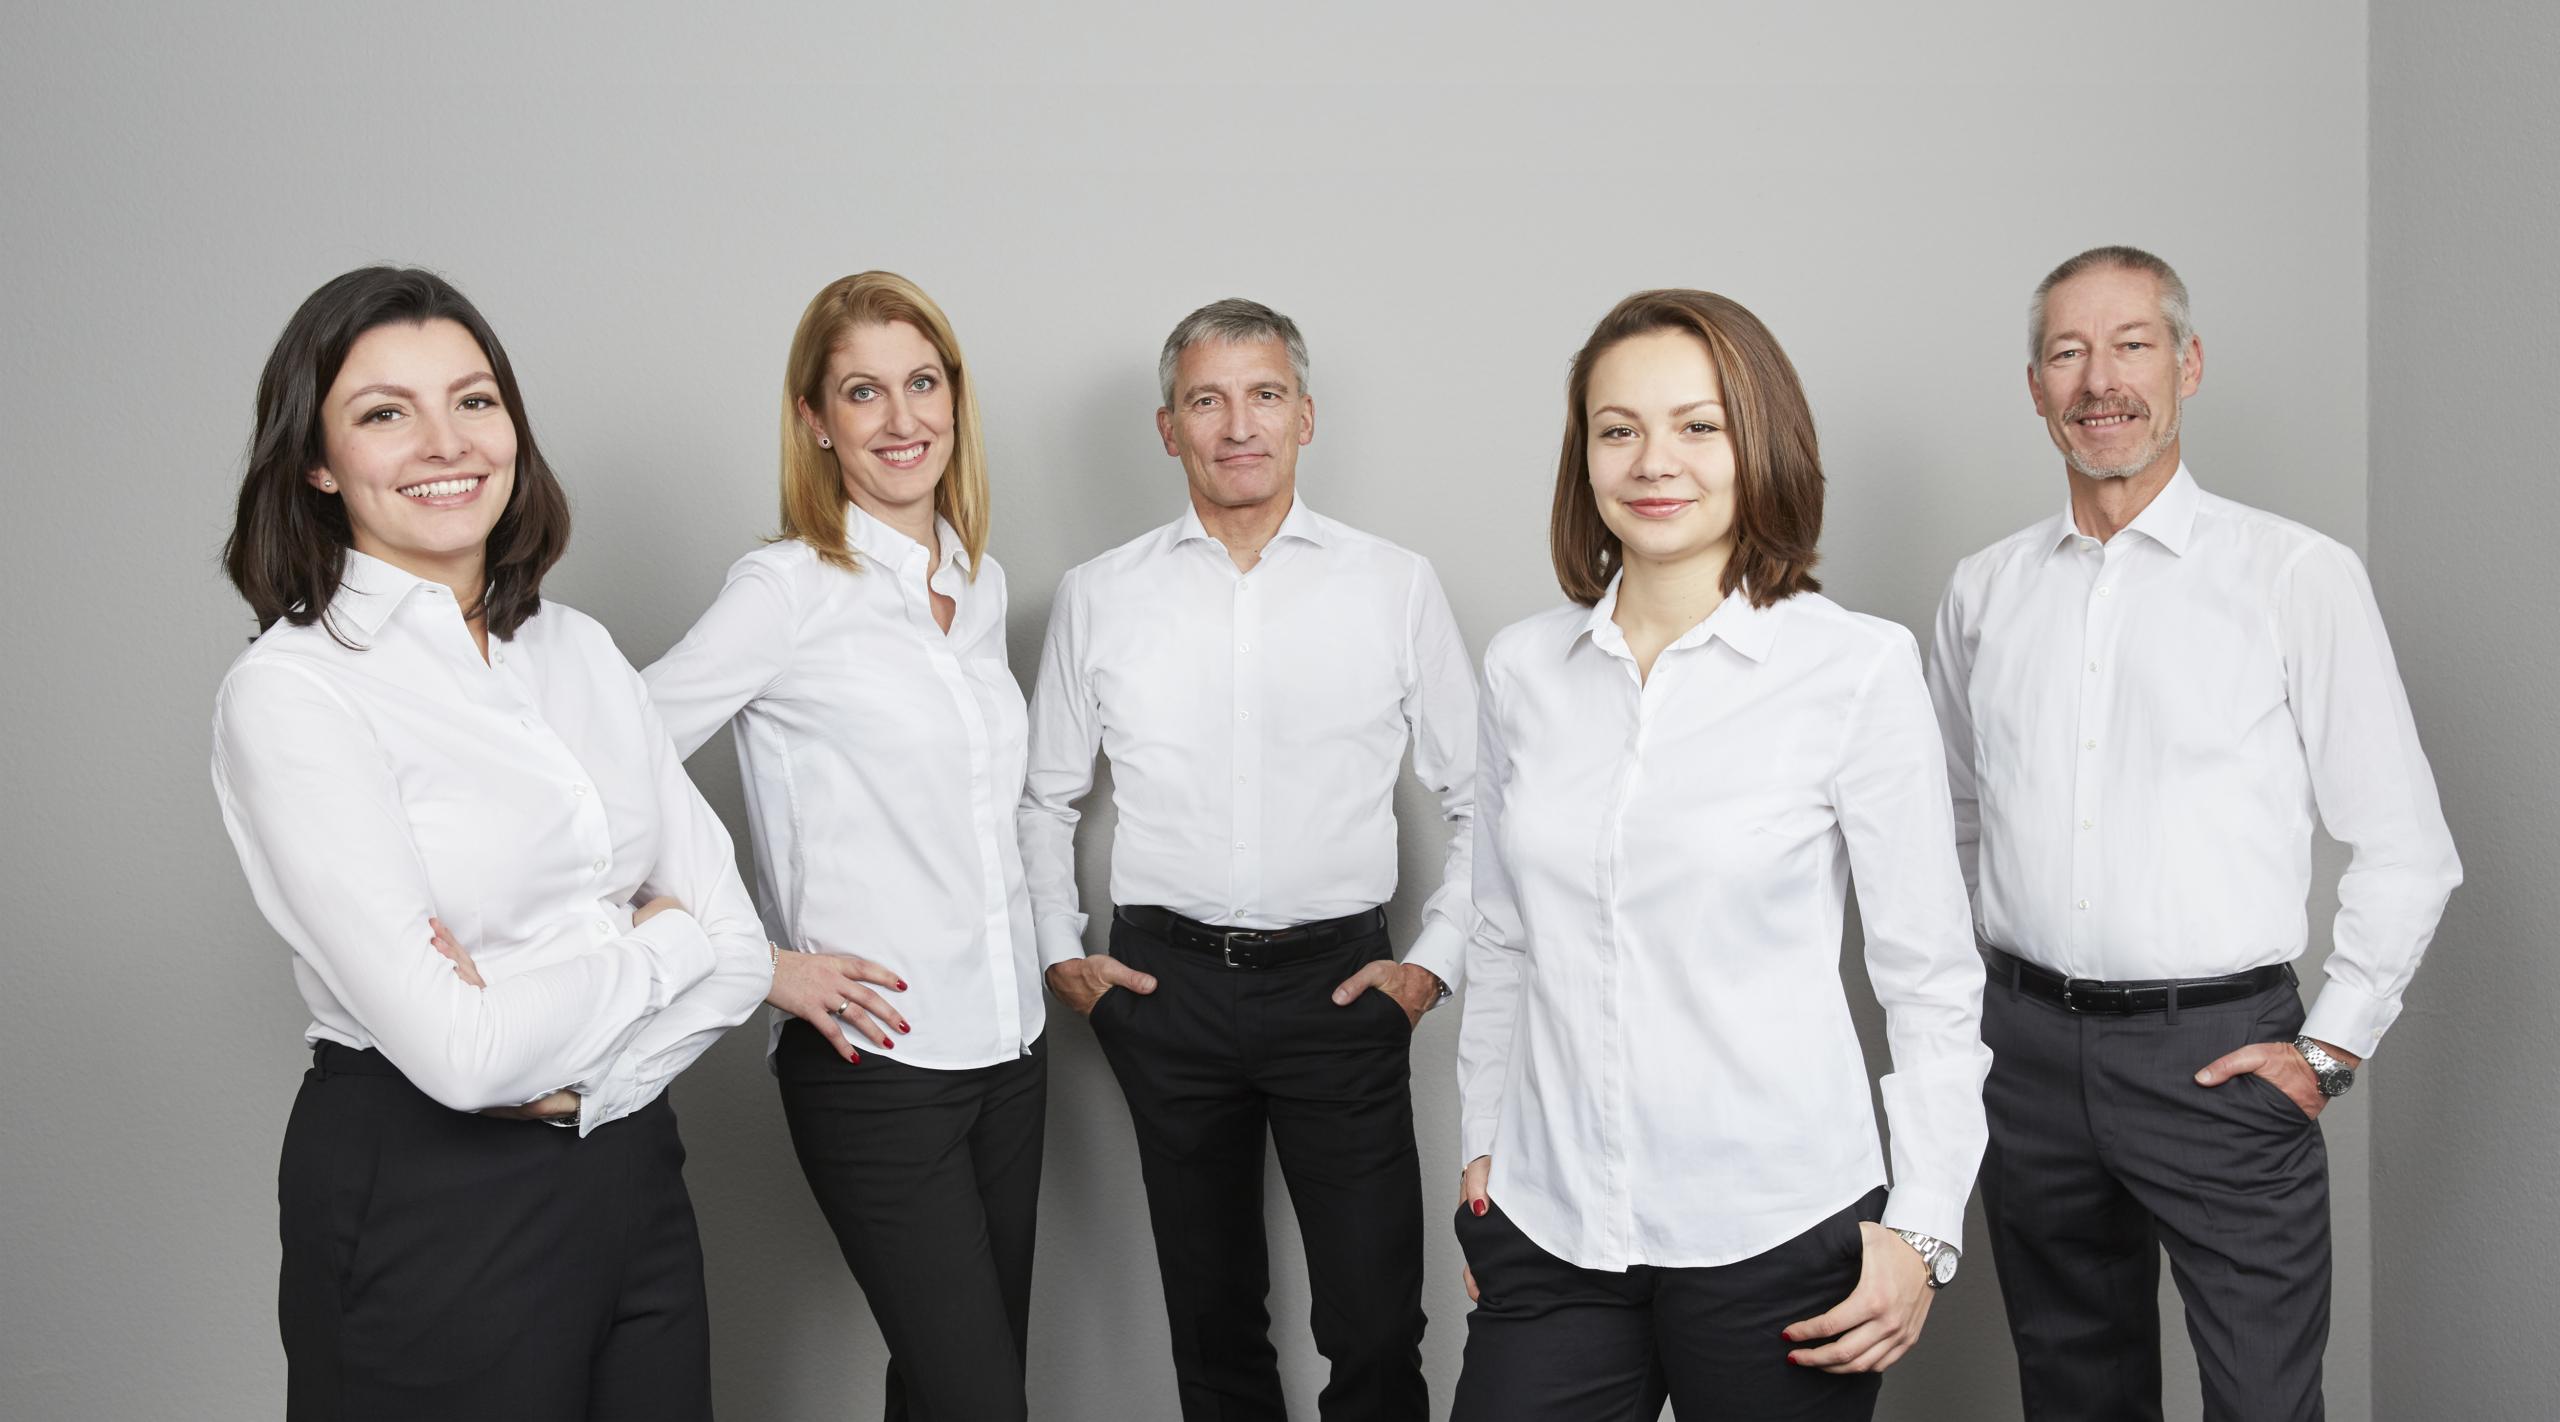 Die Unternehmensberatung in Hamburg und Kiel ist Mitglied im BDU und spezialisiert auf alle Gebiete rund um Strategie, Sanierung und Projektmanagement.